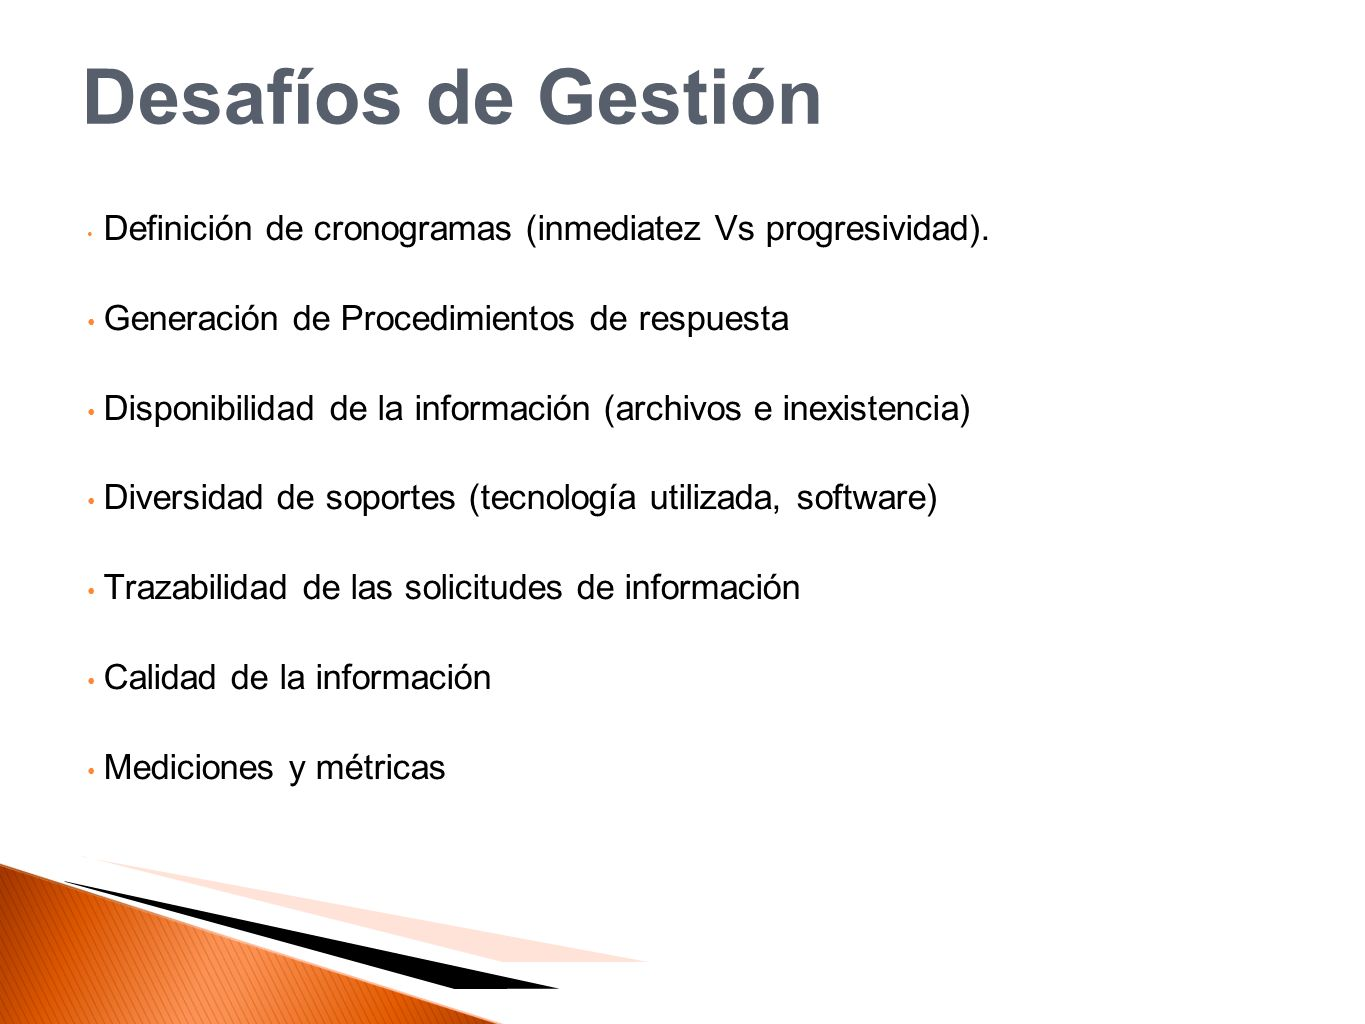 Desafíos de Gestión Definición de cronogramas (inmediatez Vs progresividad). Generación de Procedimientos de respuesta.